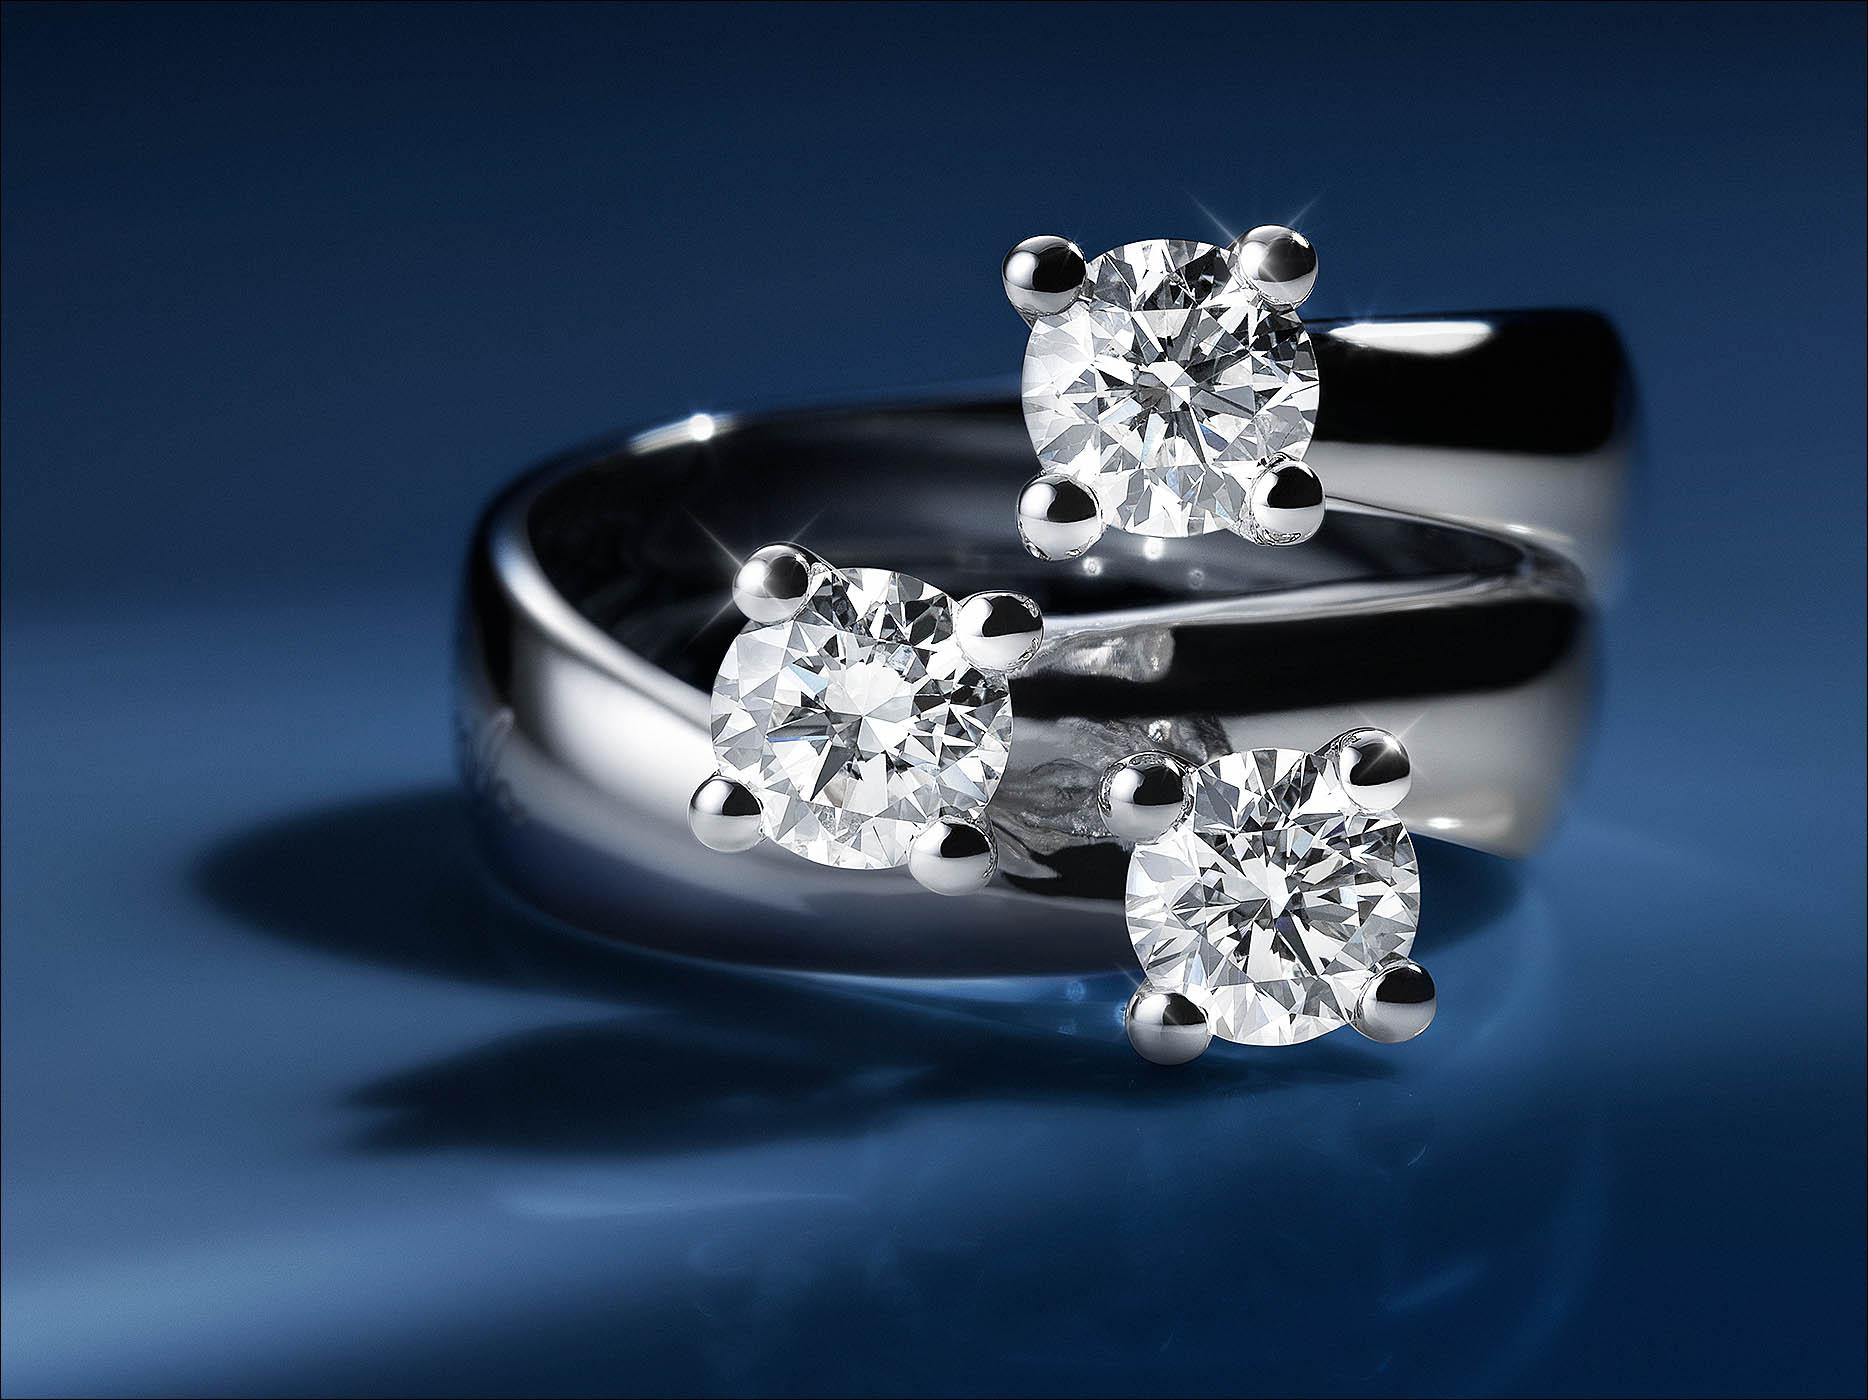 Fotografo still life gioielli anelli Recarlo dettagli | Andrea Sudati Photo Studio